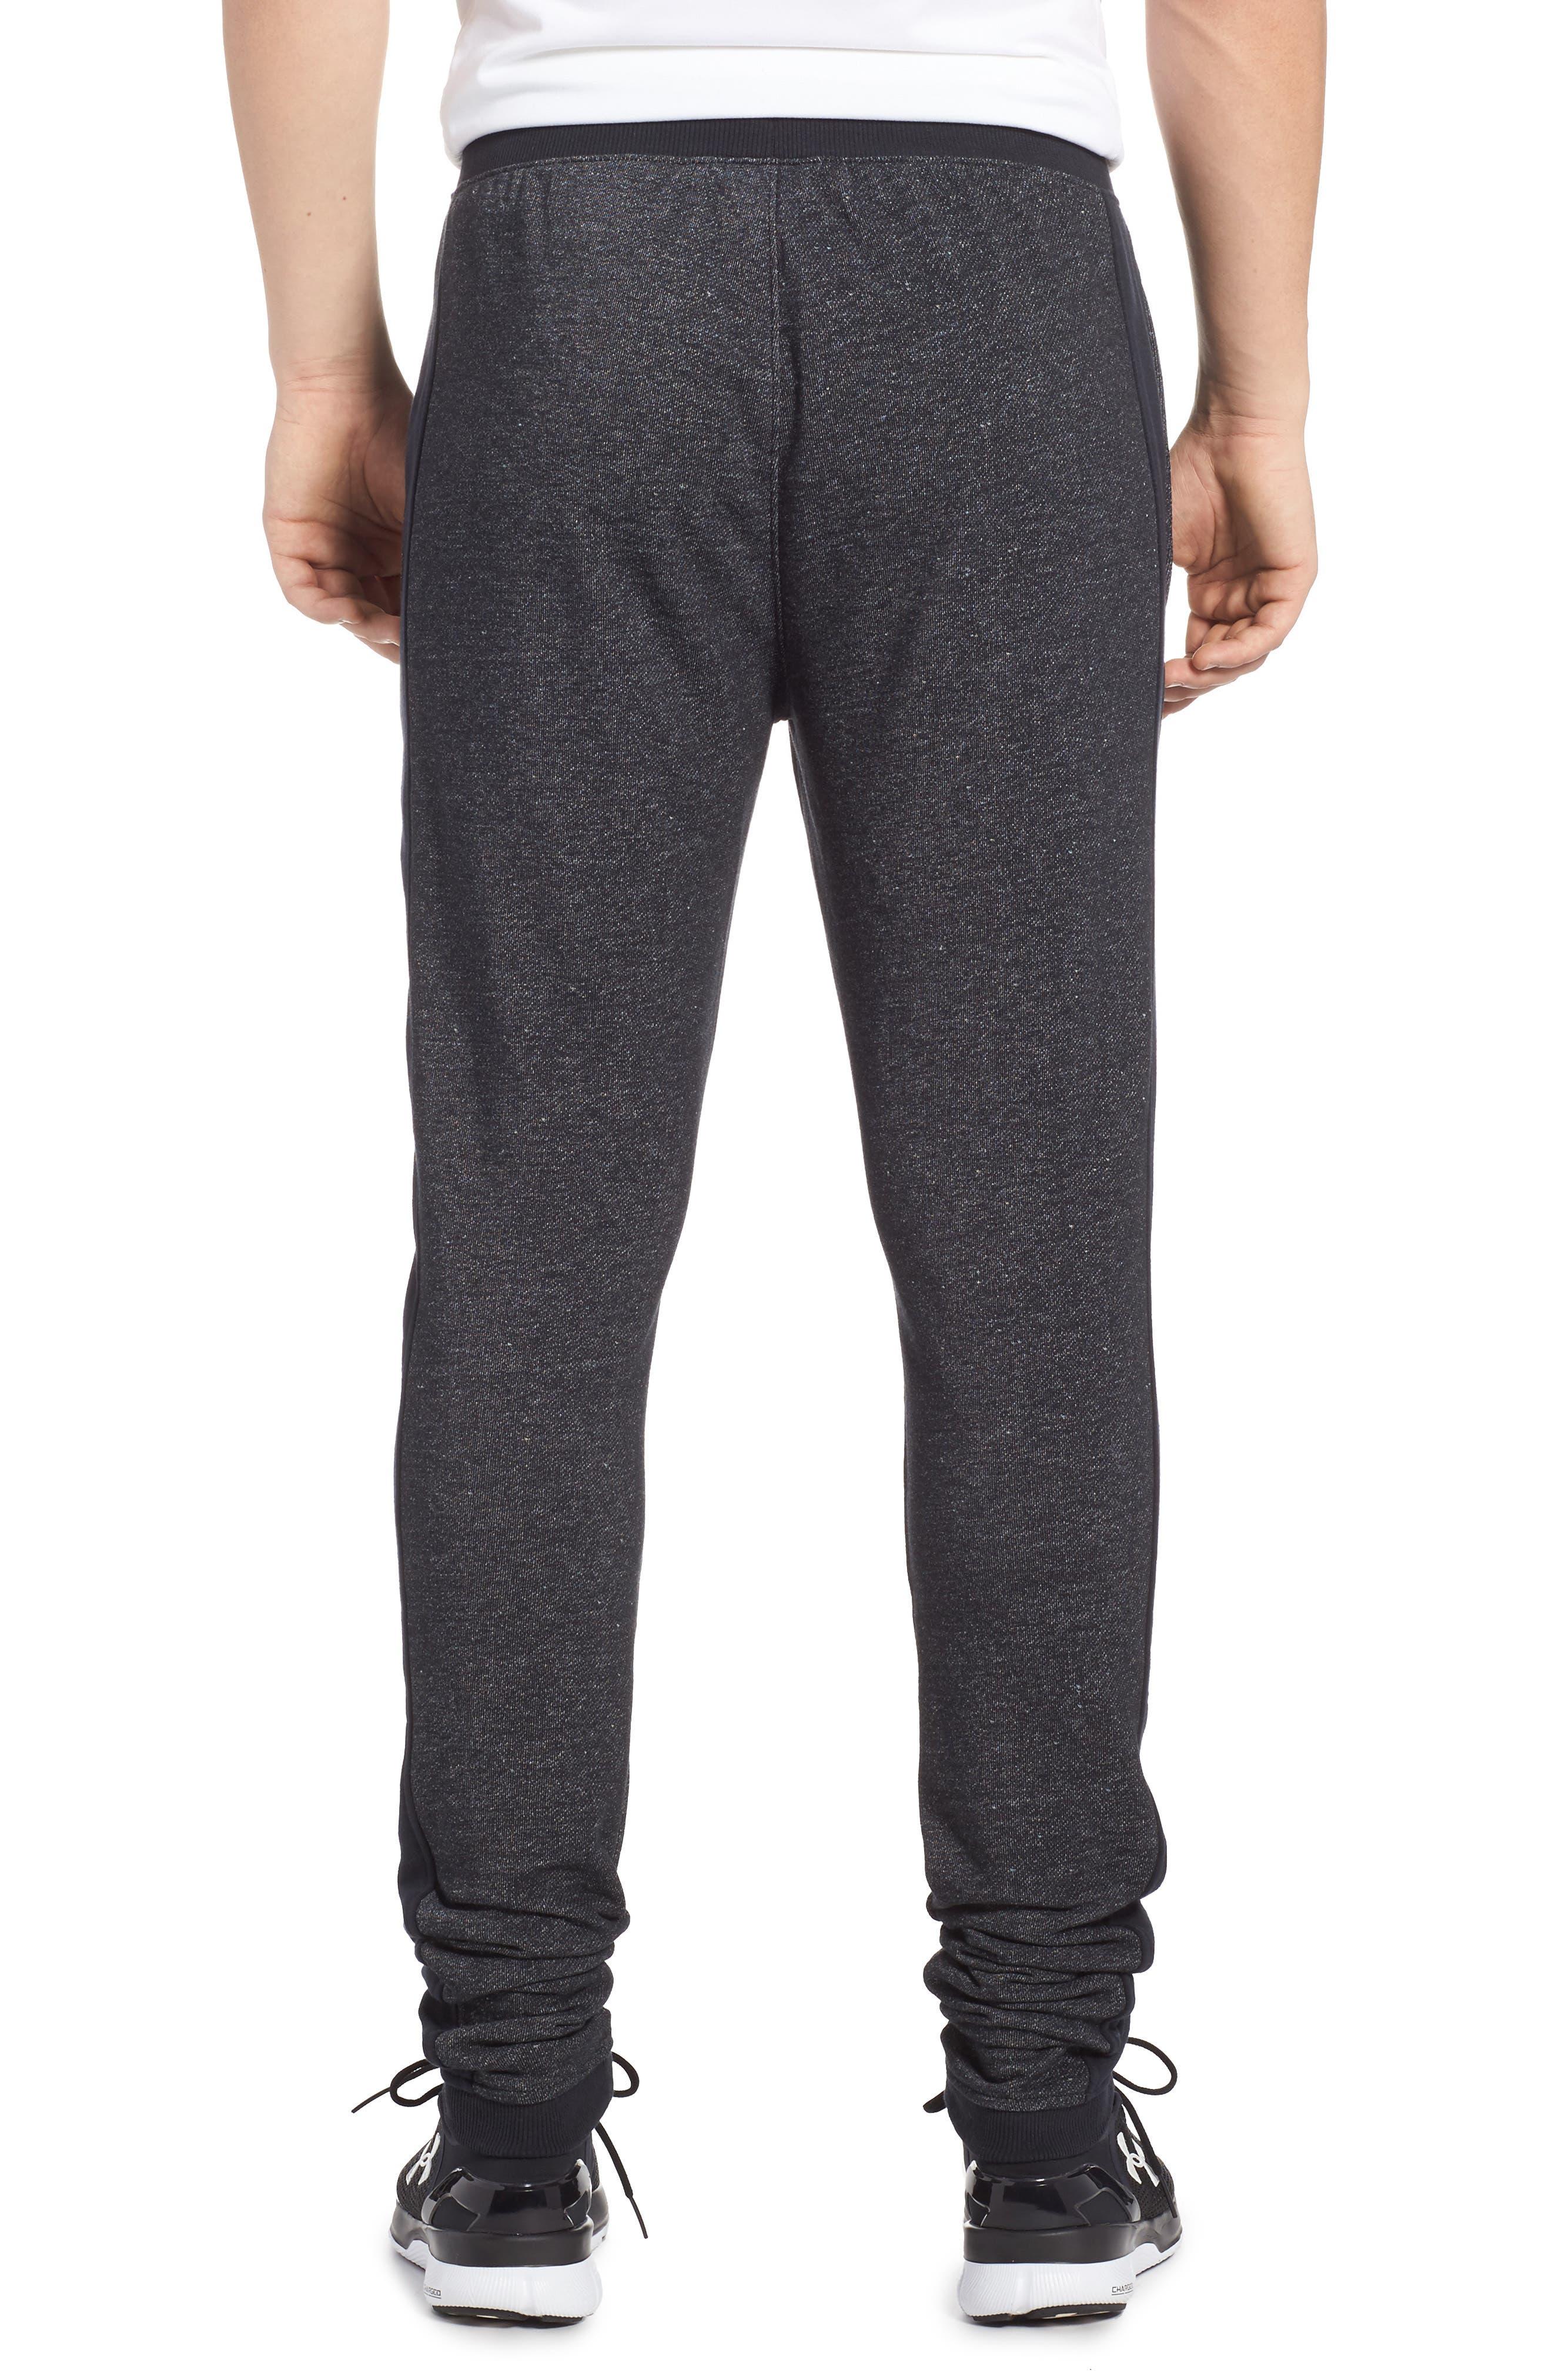 Sportstyle Fitted Fleece Leggings,                             Alternate thumbnail 2, color,                             Black